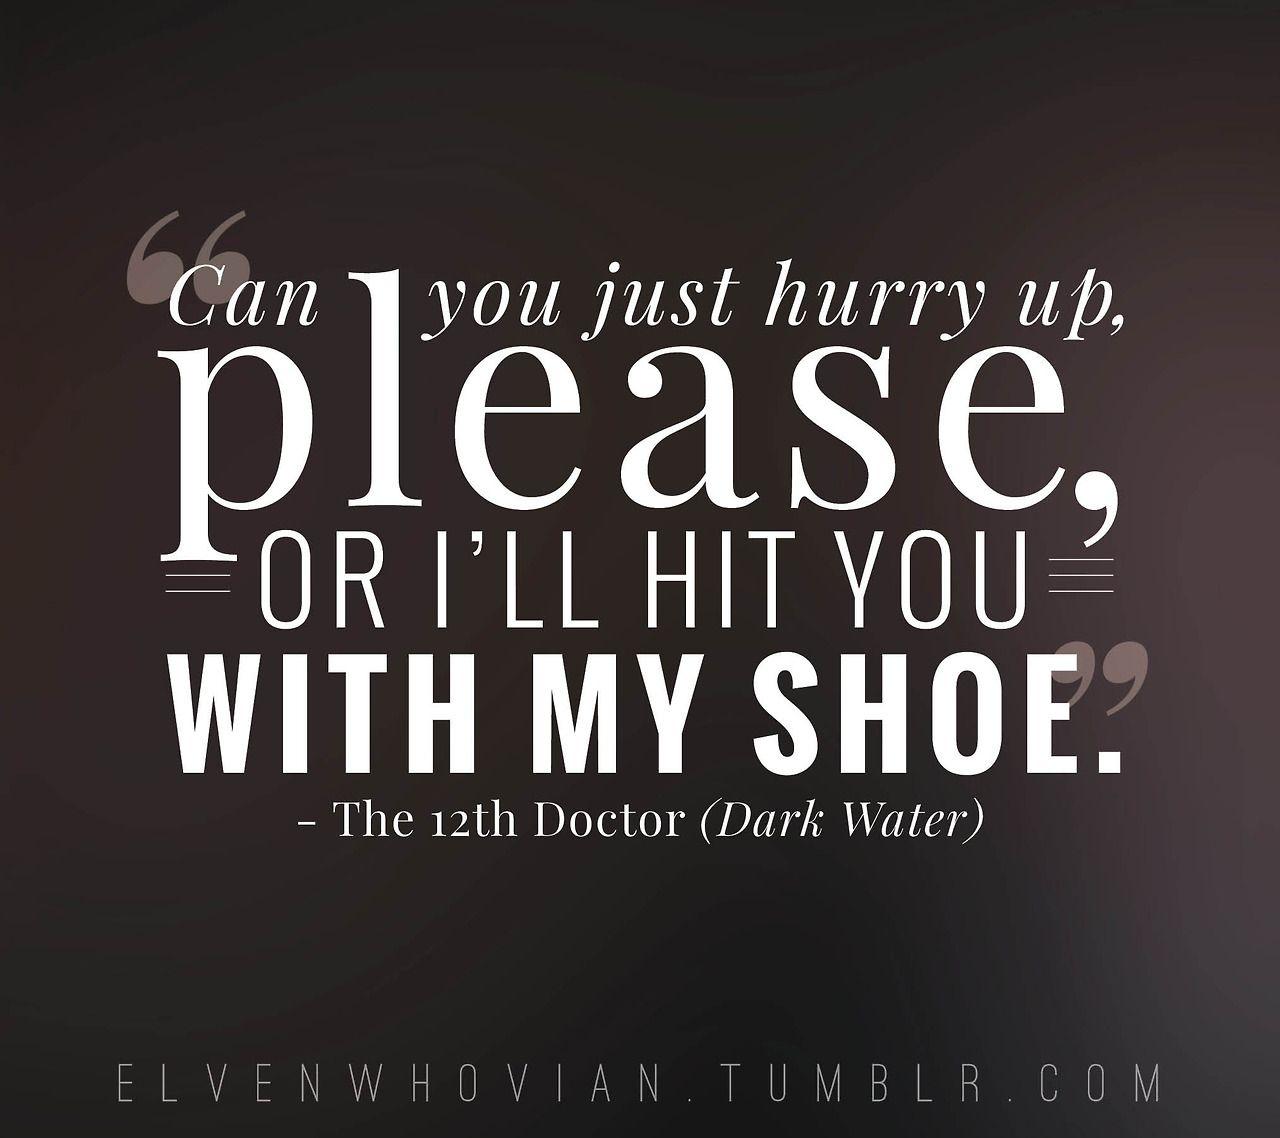 Twelfth Doctor Quote Dark Water Doctor Who Doctor Quotes Funny Doctor Quotes Doctor Who Quotes